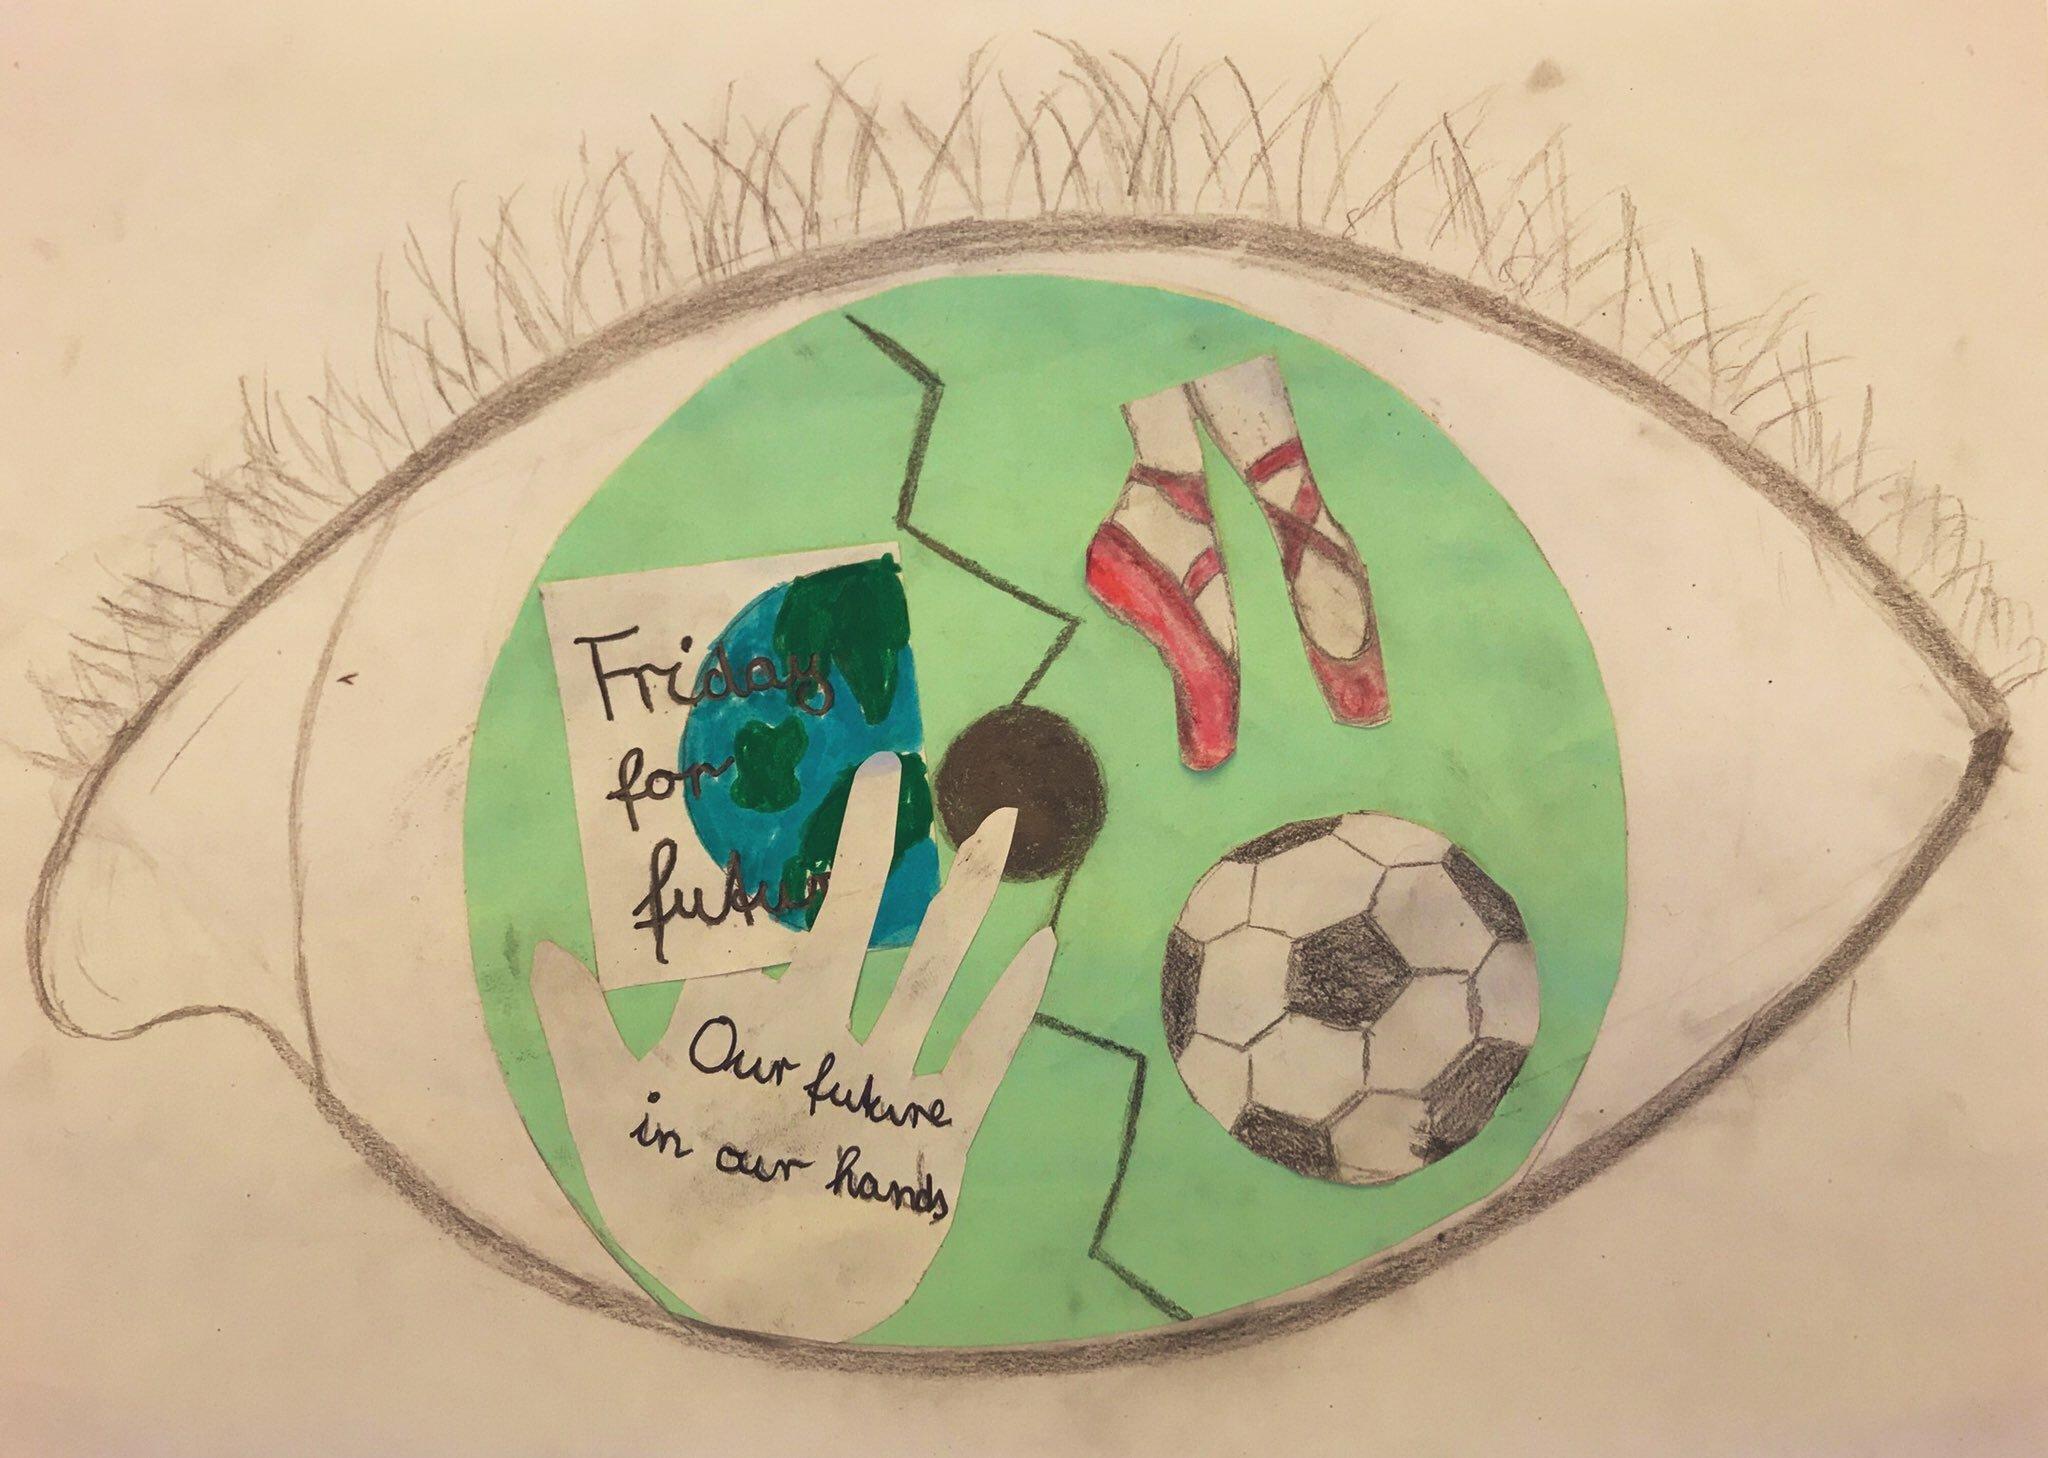 Es ist eine Zeichnung zu Umwelt- und Sozialpolitischen Themen zu sehen.